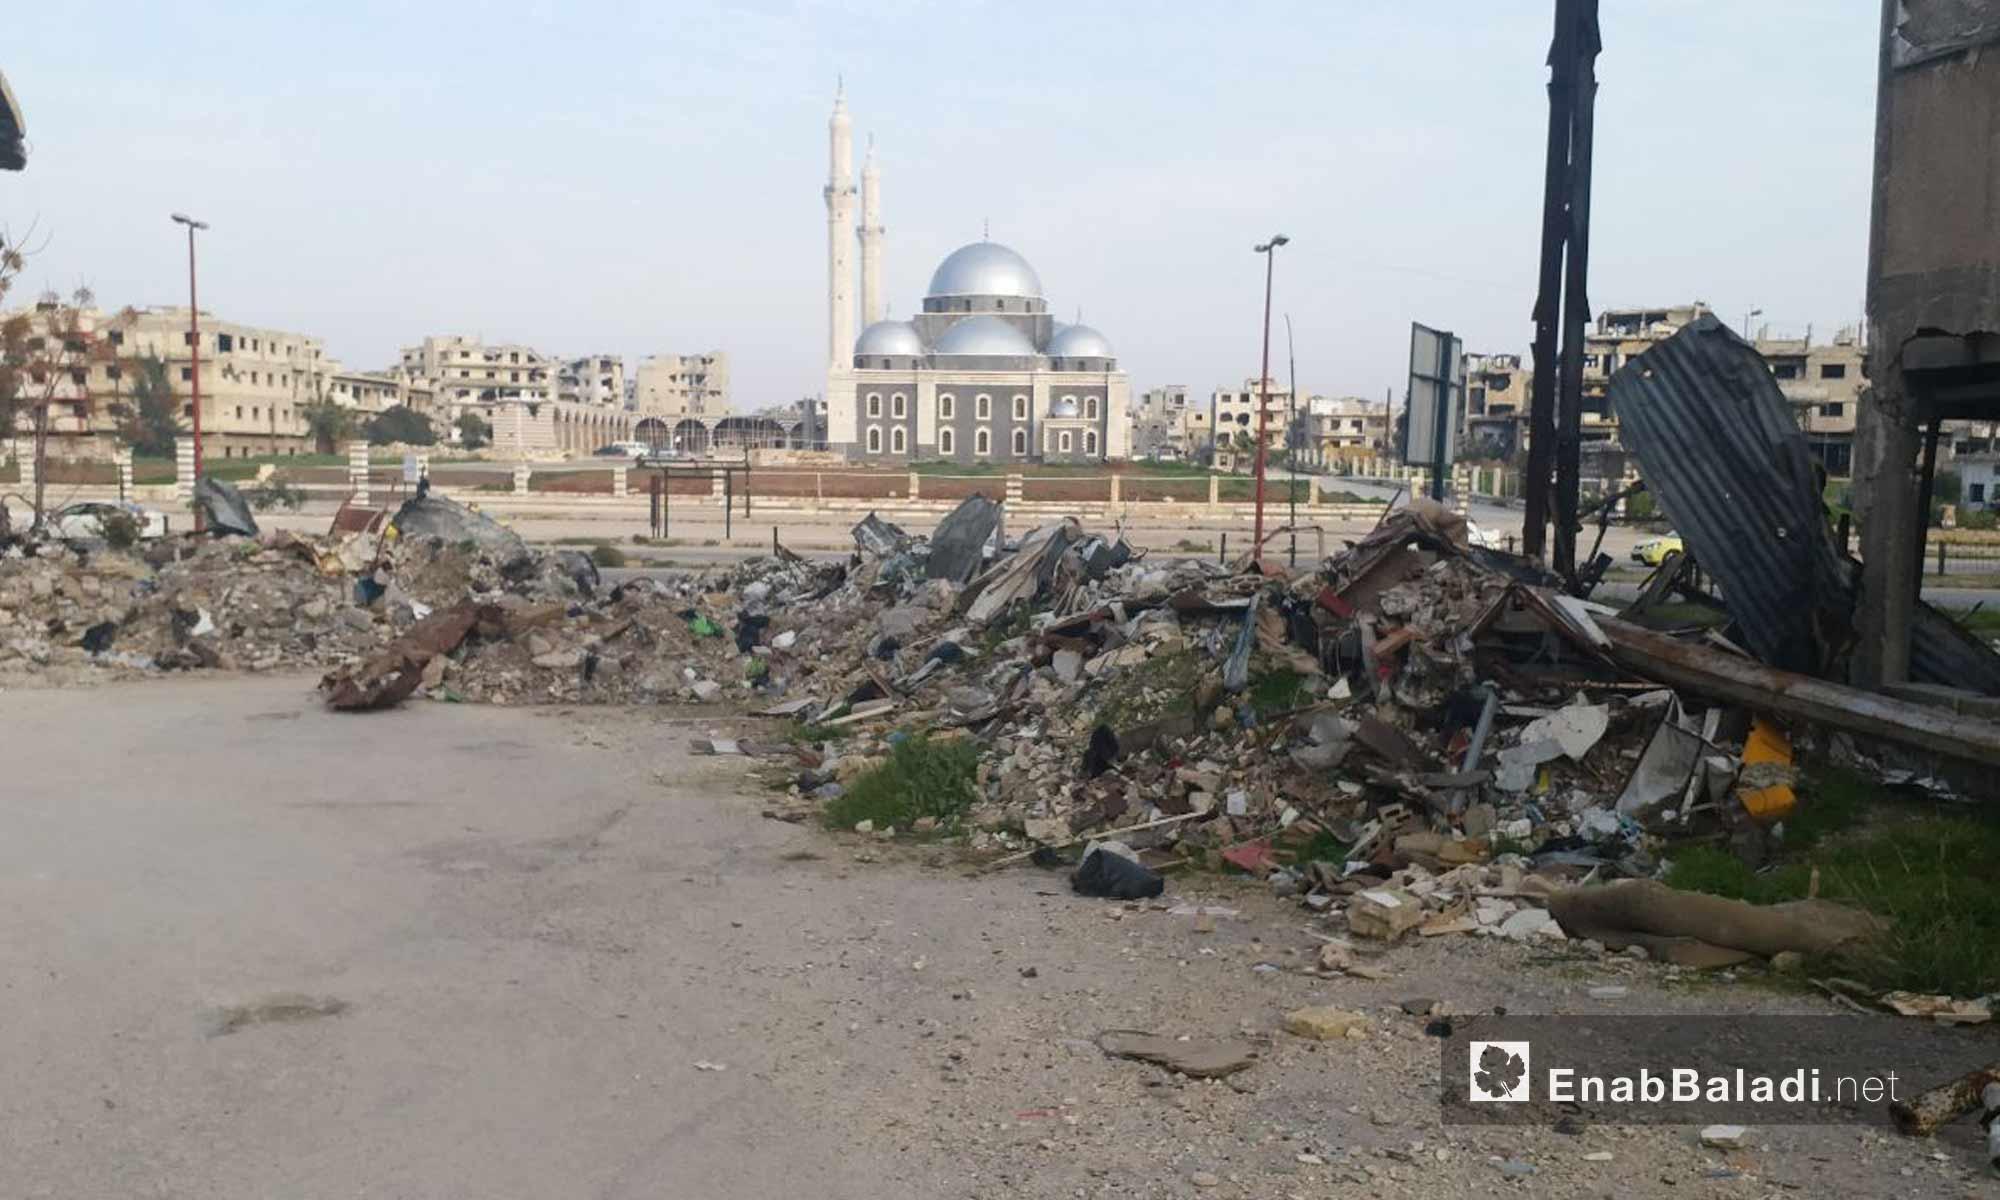 جامع خالد بن الوليد في مدينة حمص - 24 من كانون الثاني 2019 (عنب بلدي)